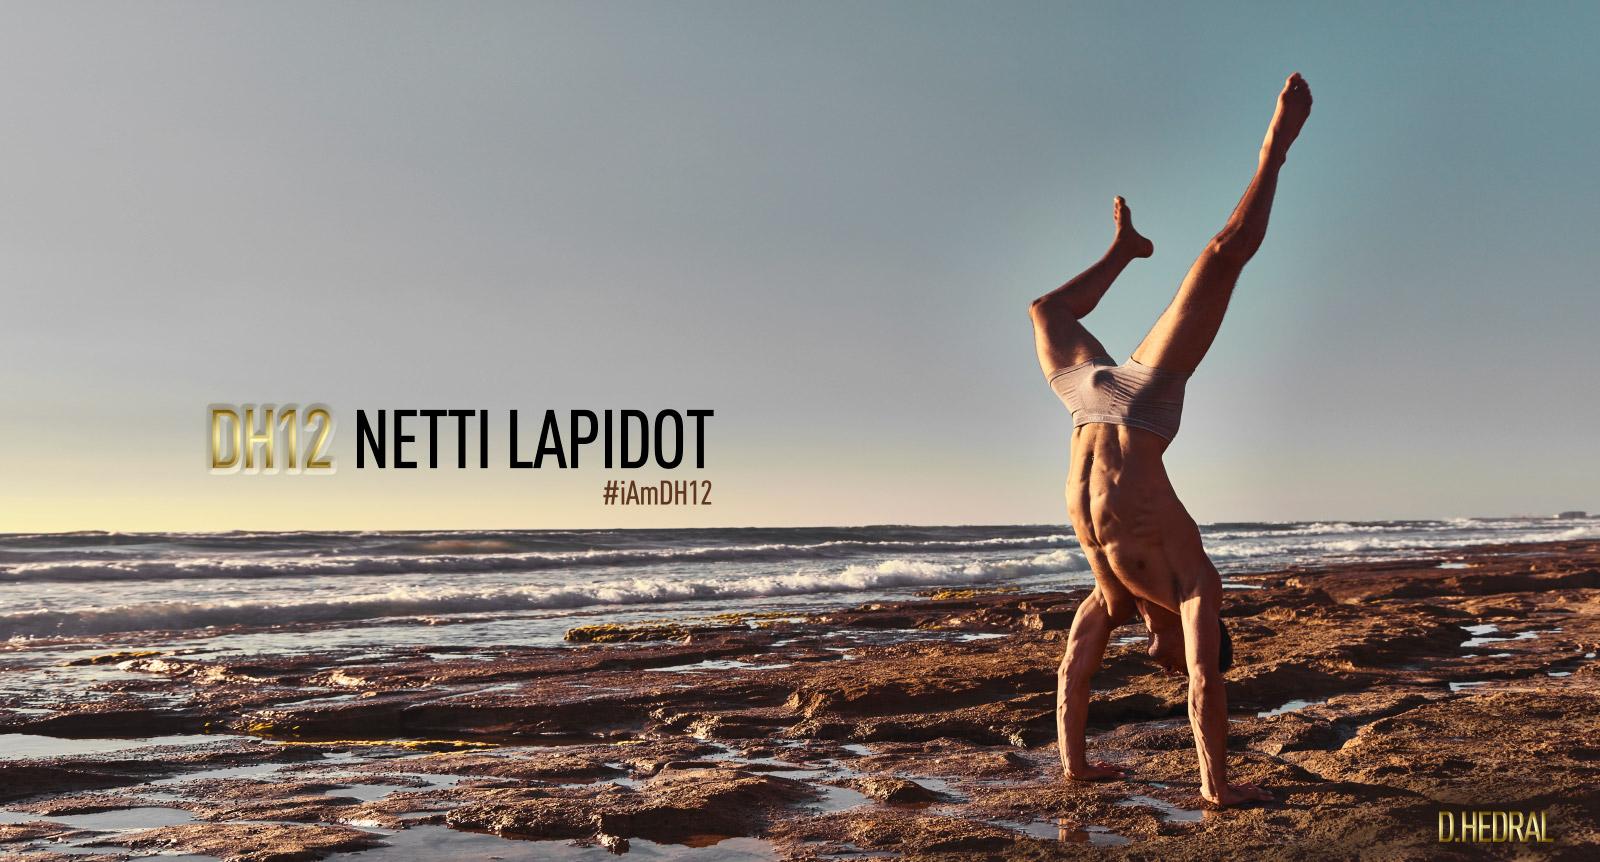 netti-lapidot-beach-01